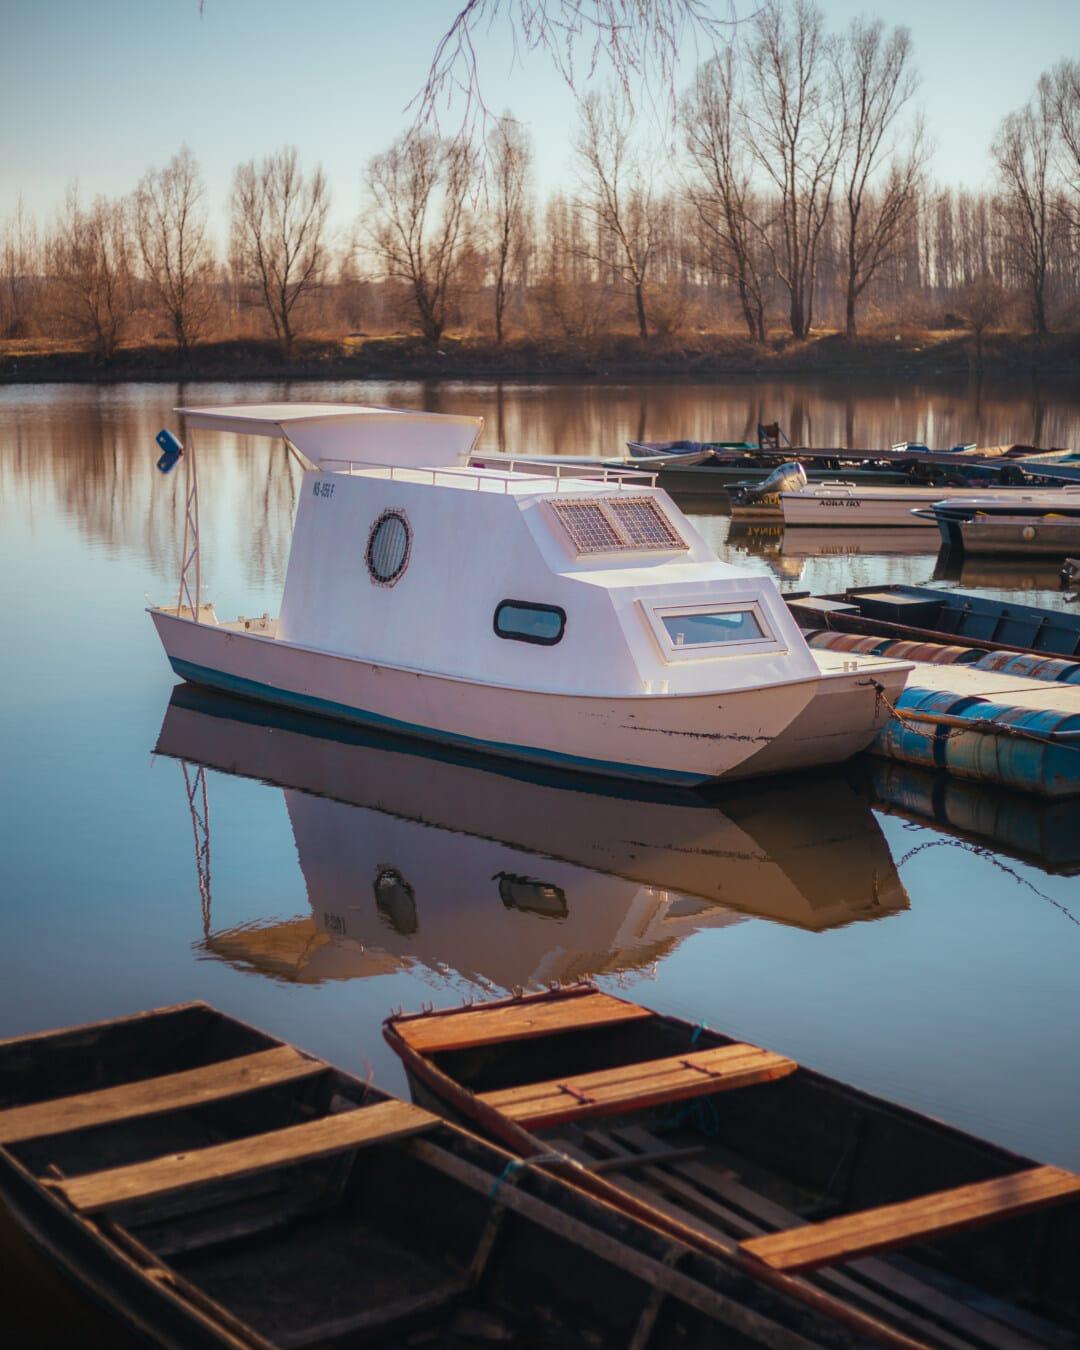 petit, Yacht, port, bateau à moteur, bateaux, mer, eau, Marina, bateau, Lac